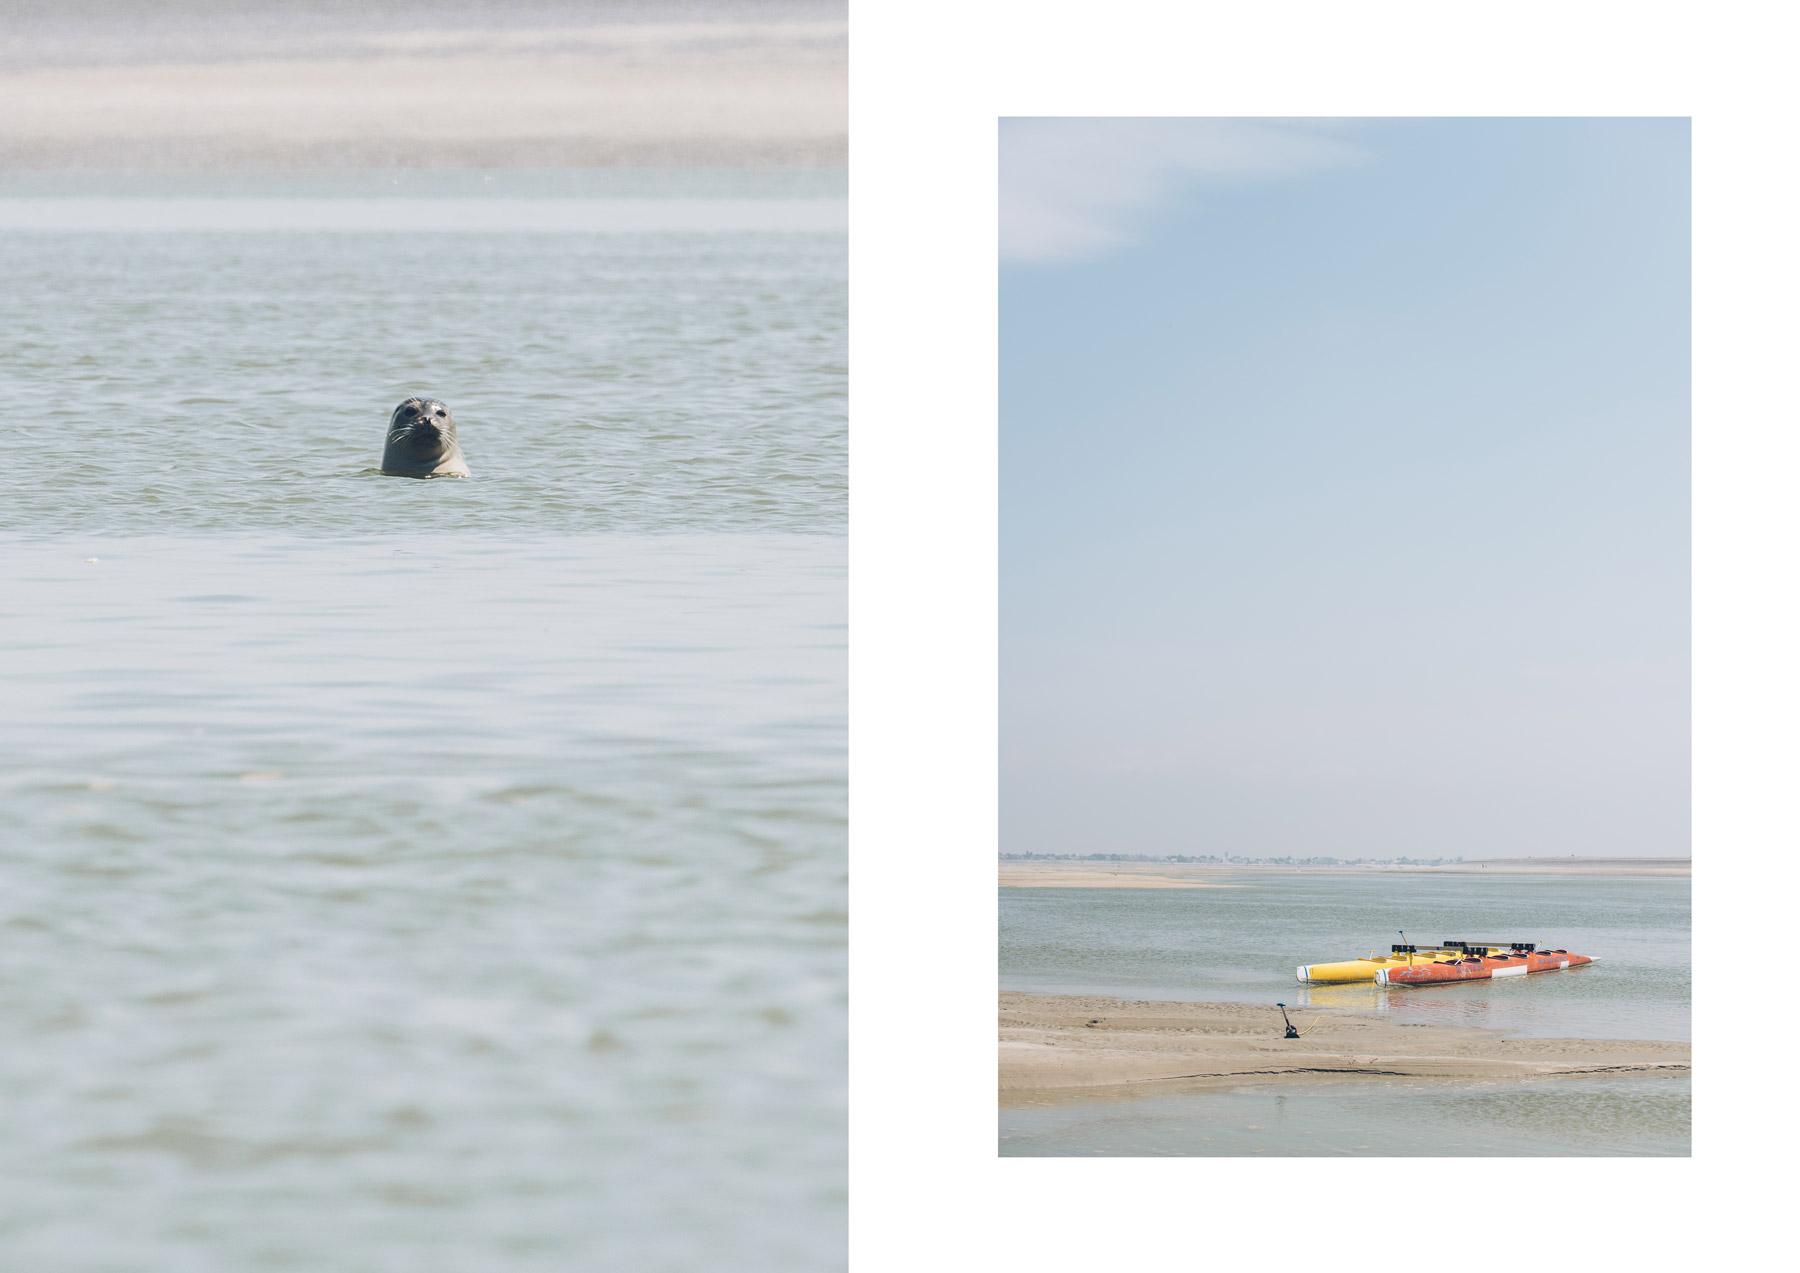 Baie de Somme, sortie en pirogue pour voir les phoques